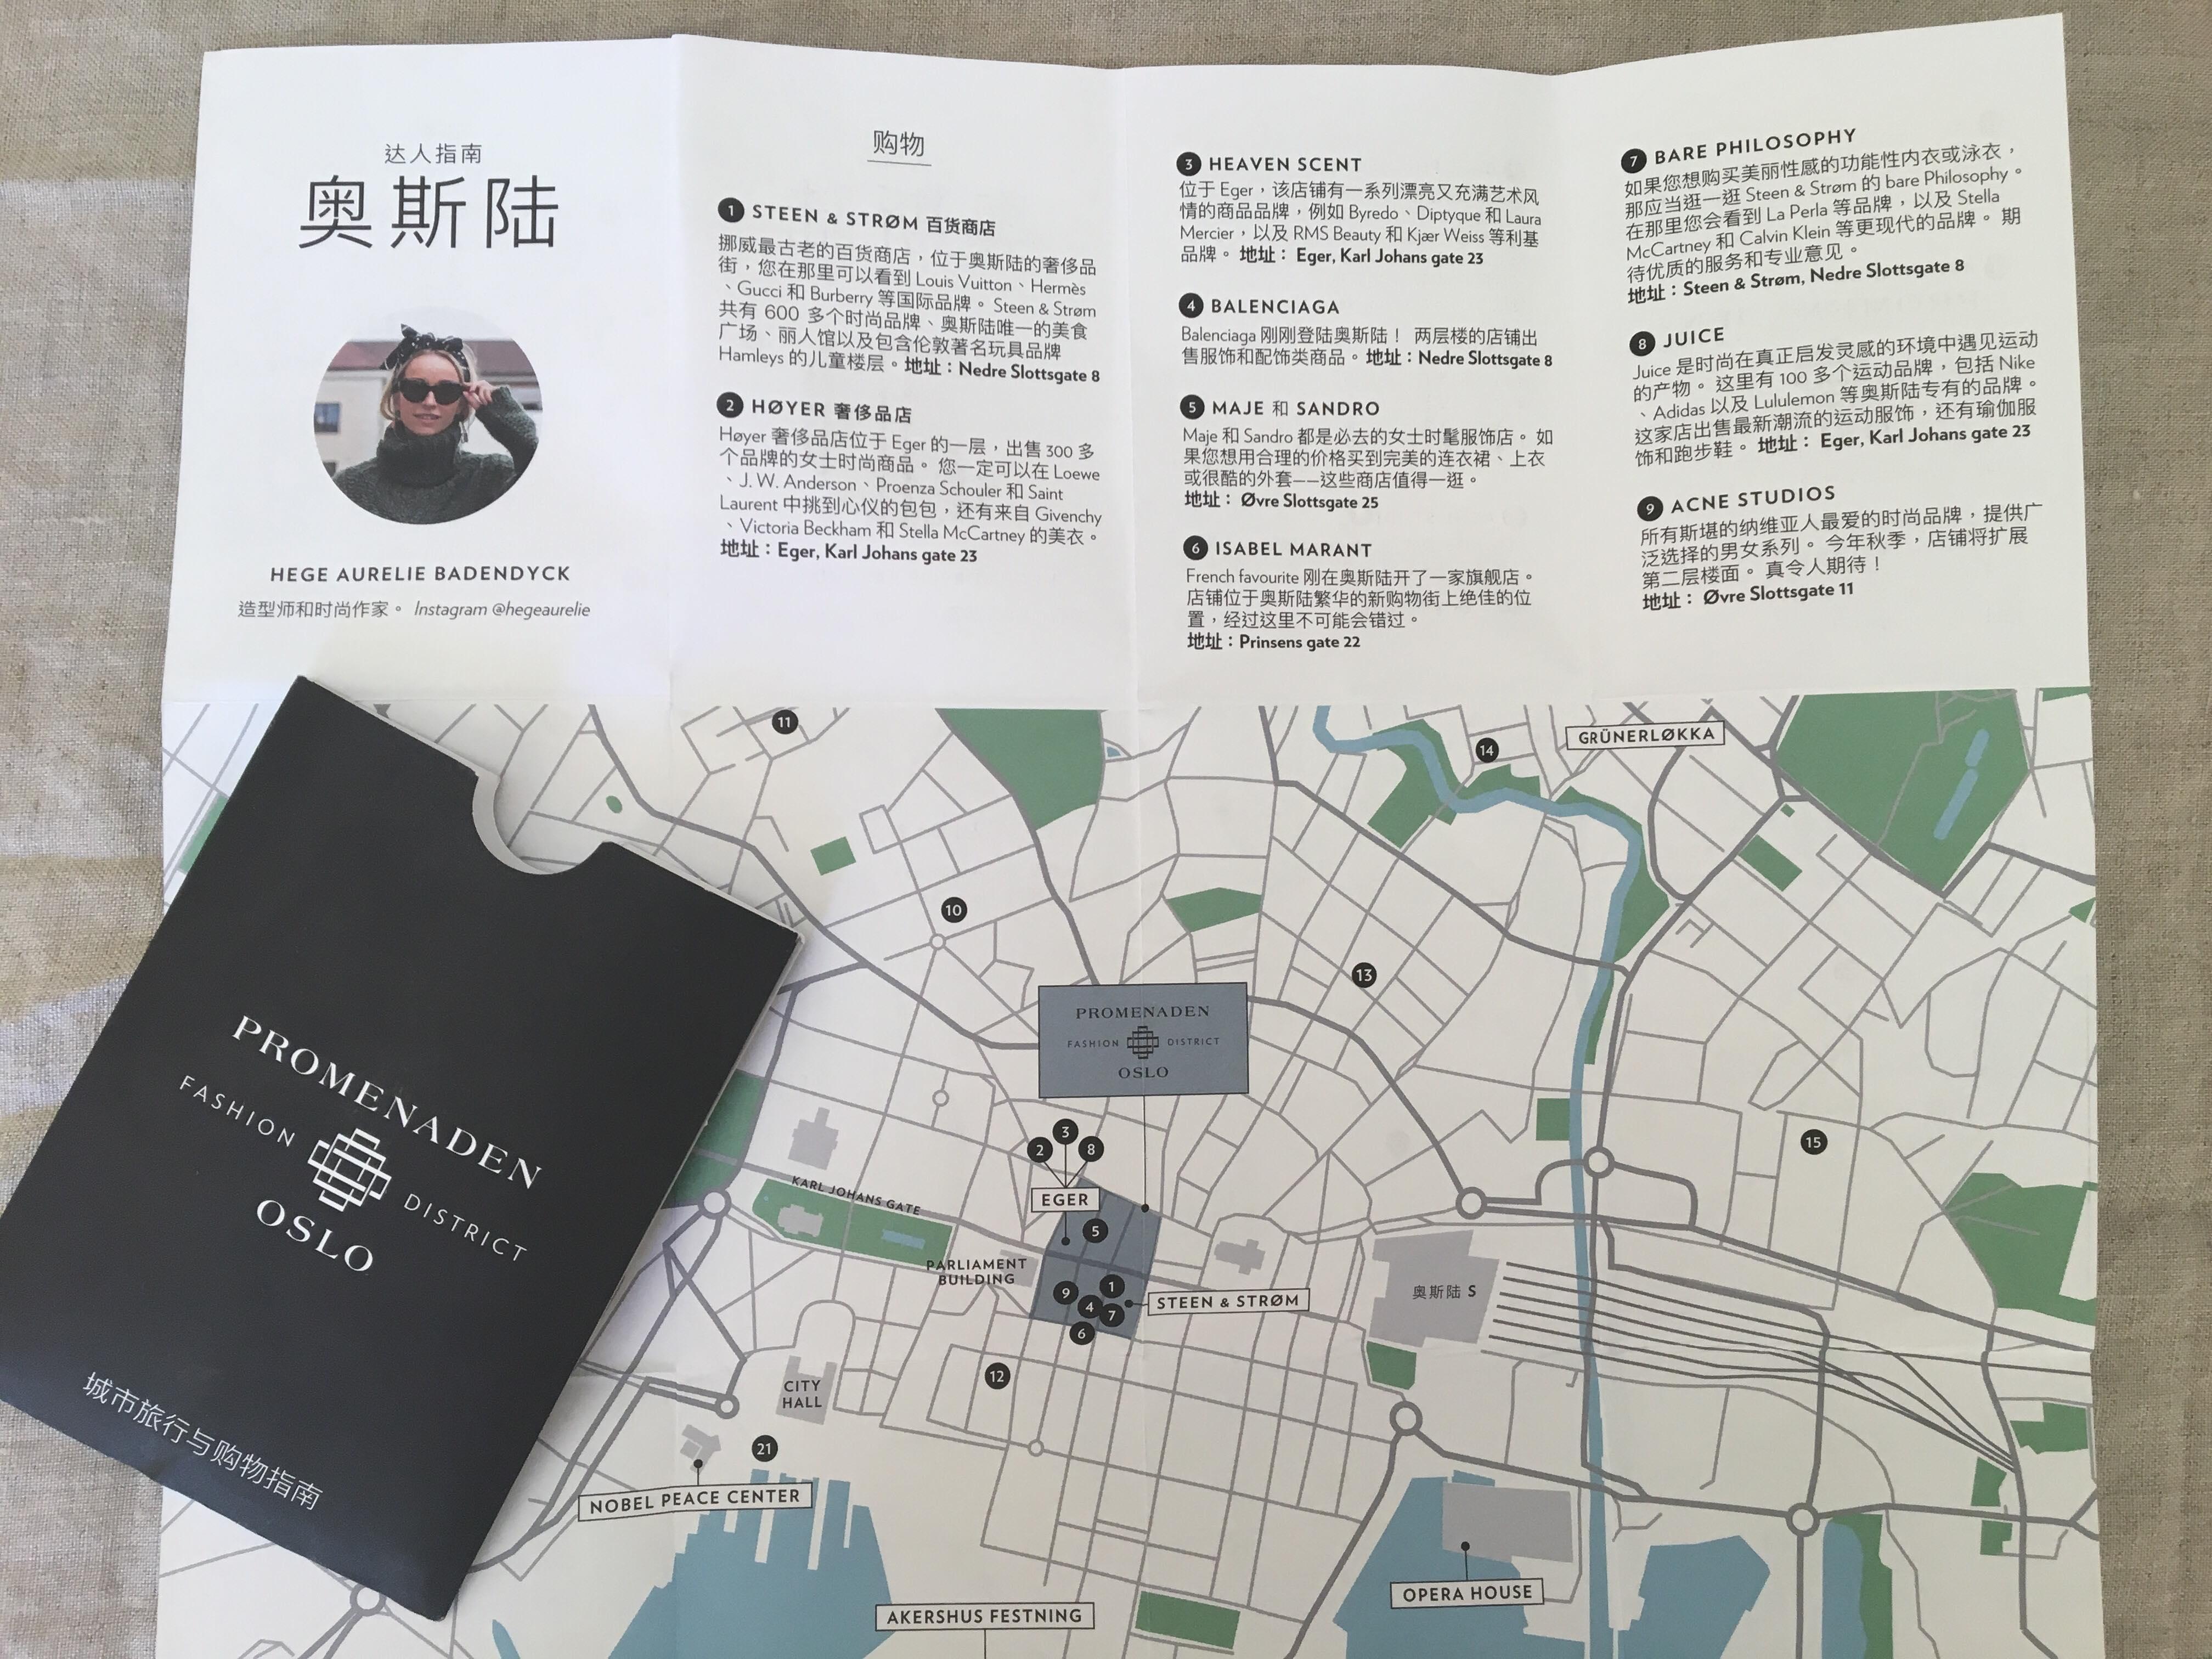 Kart over Promenaden på kinesisk